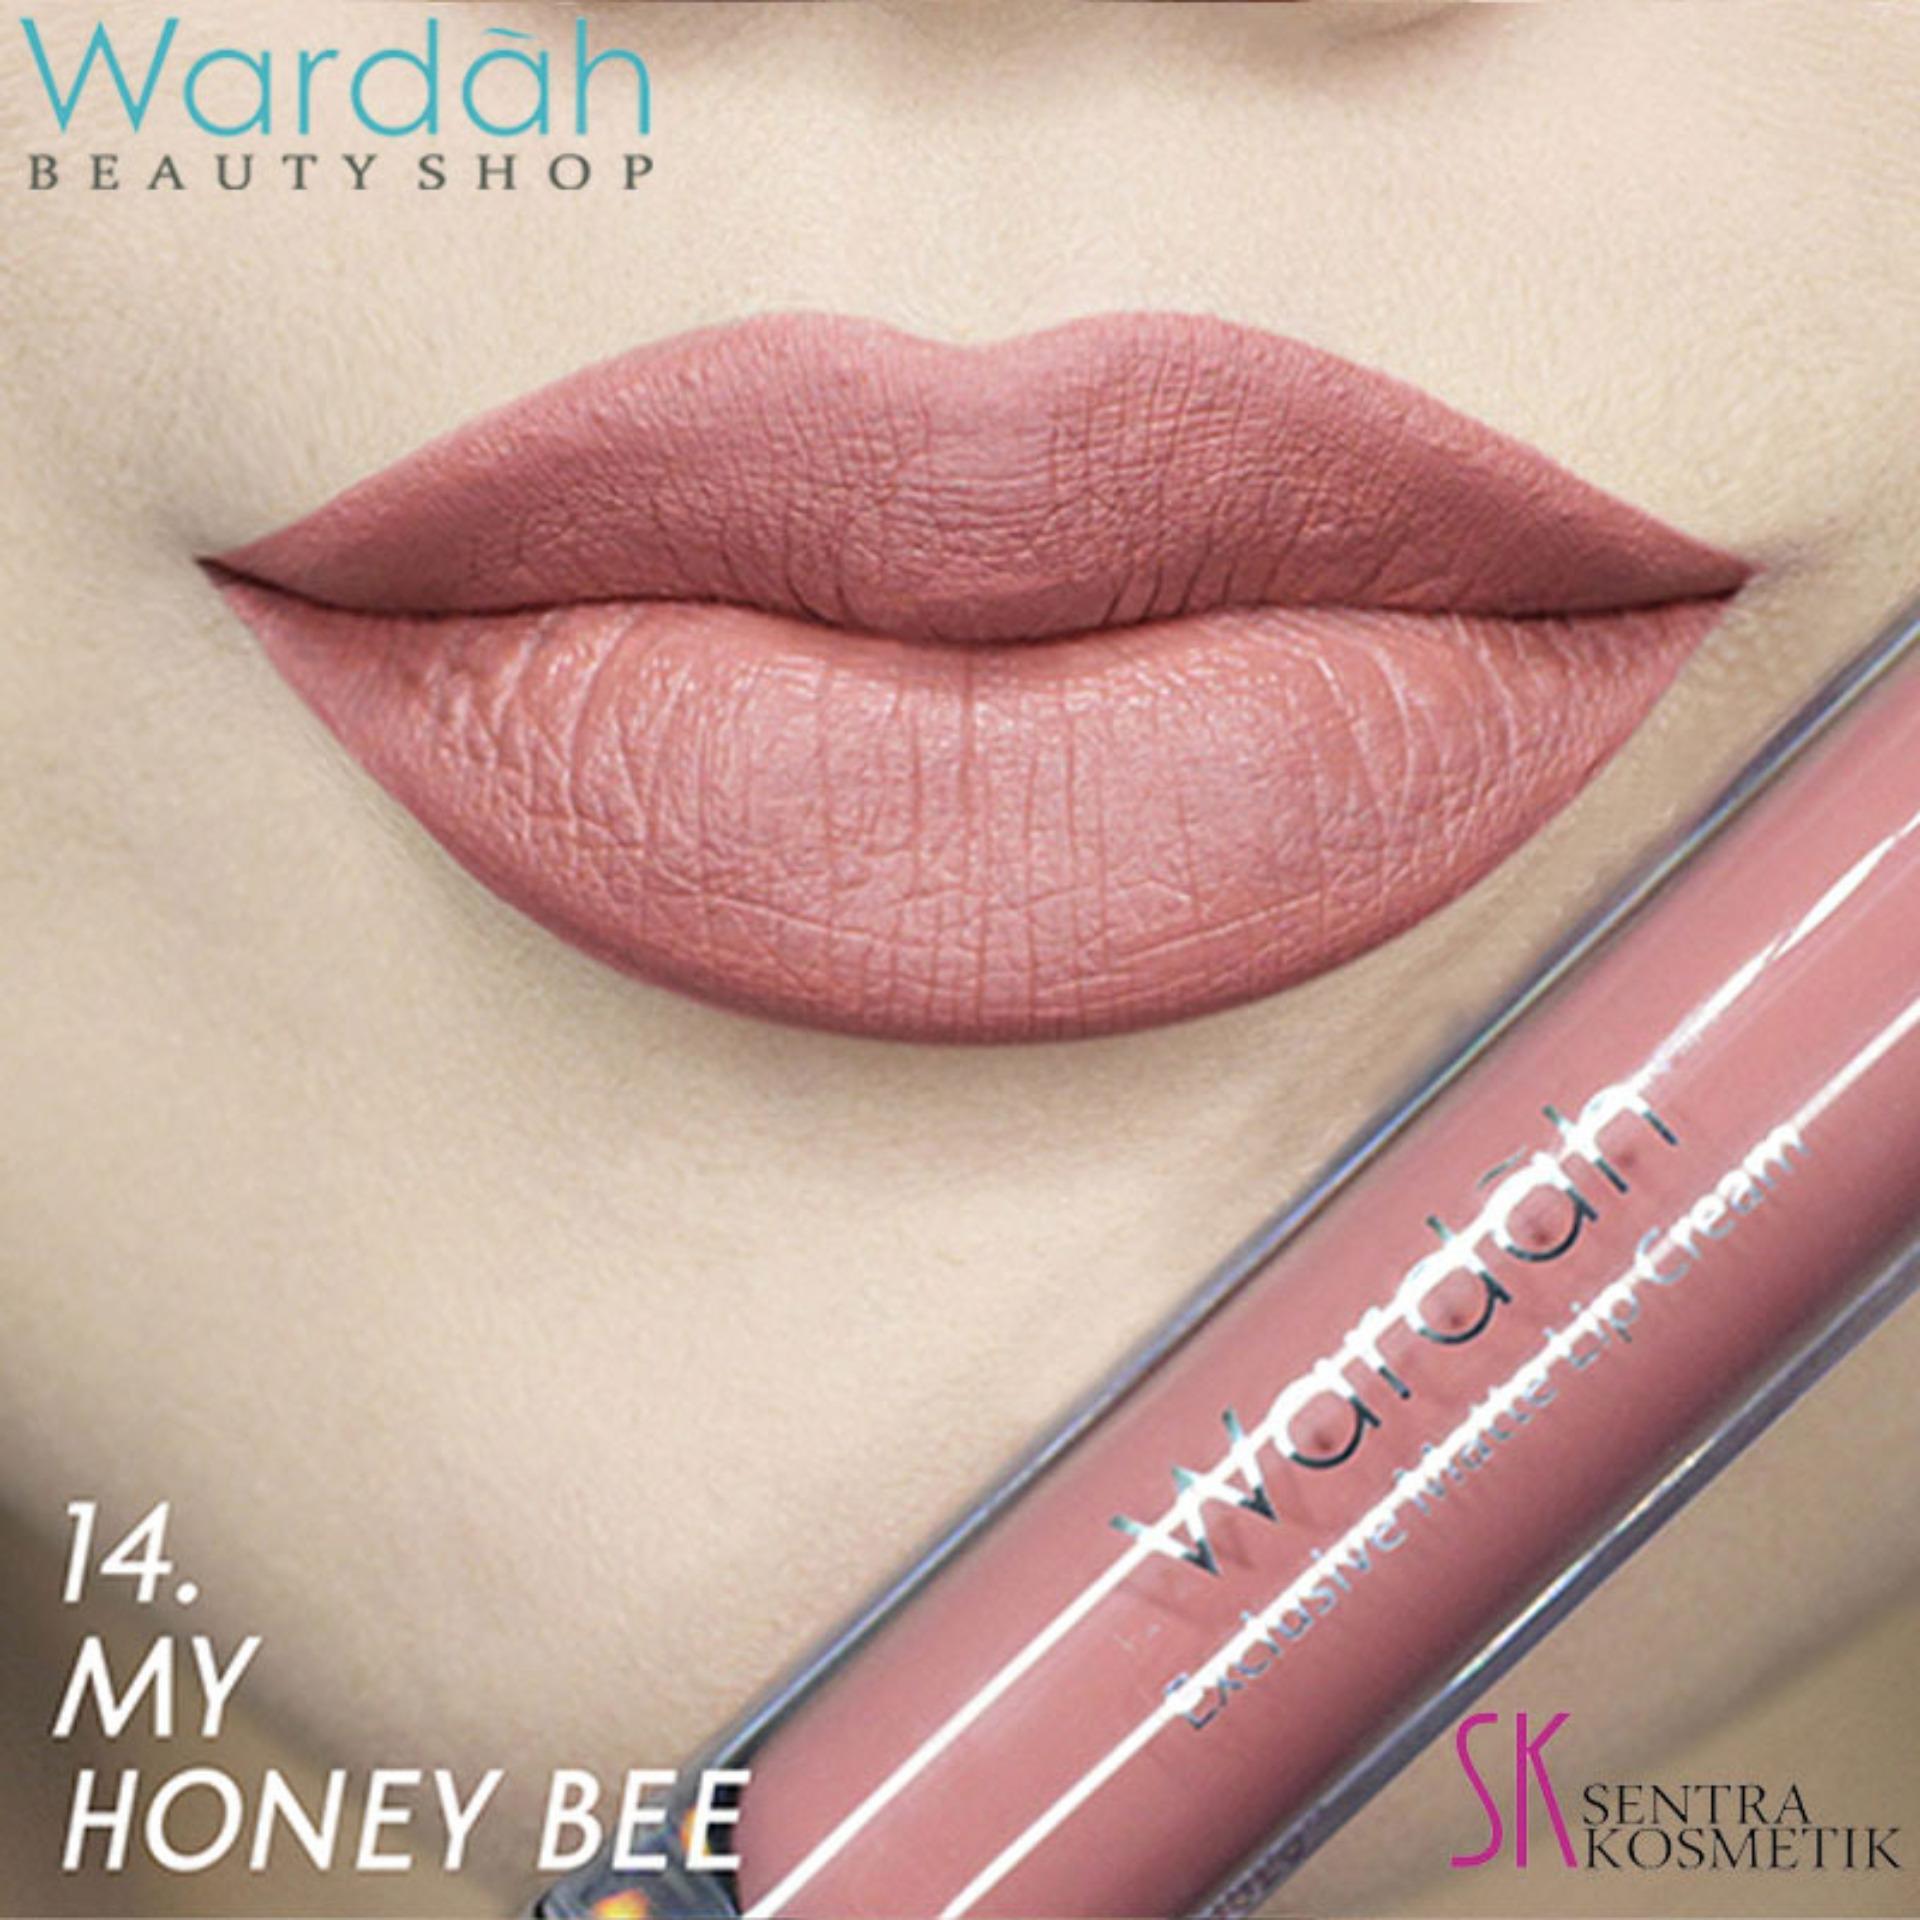 Wardah Exclusive MATTE LIP CREAM 14 - My Honey Bee